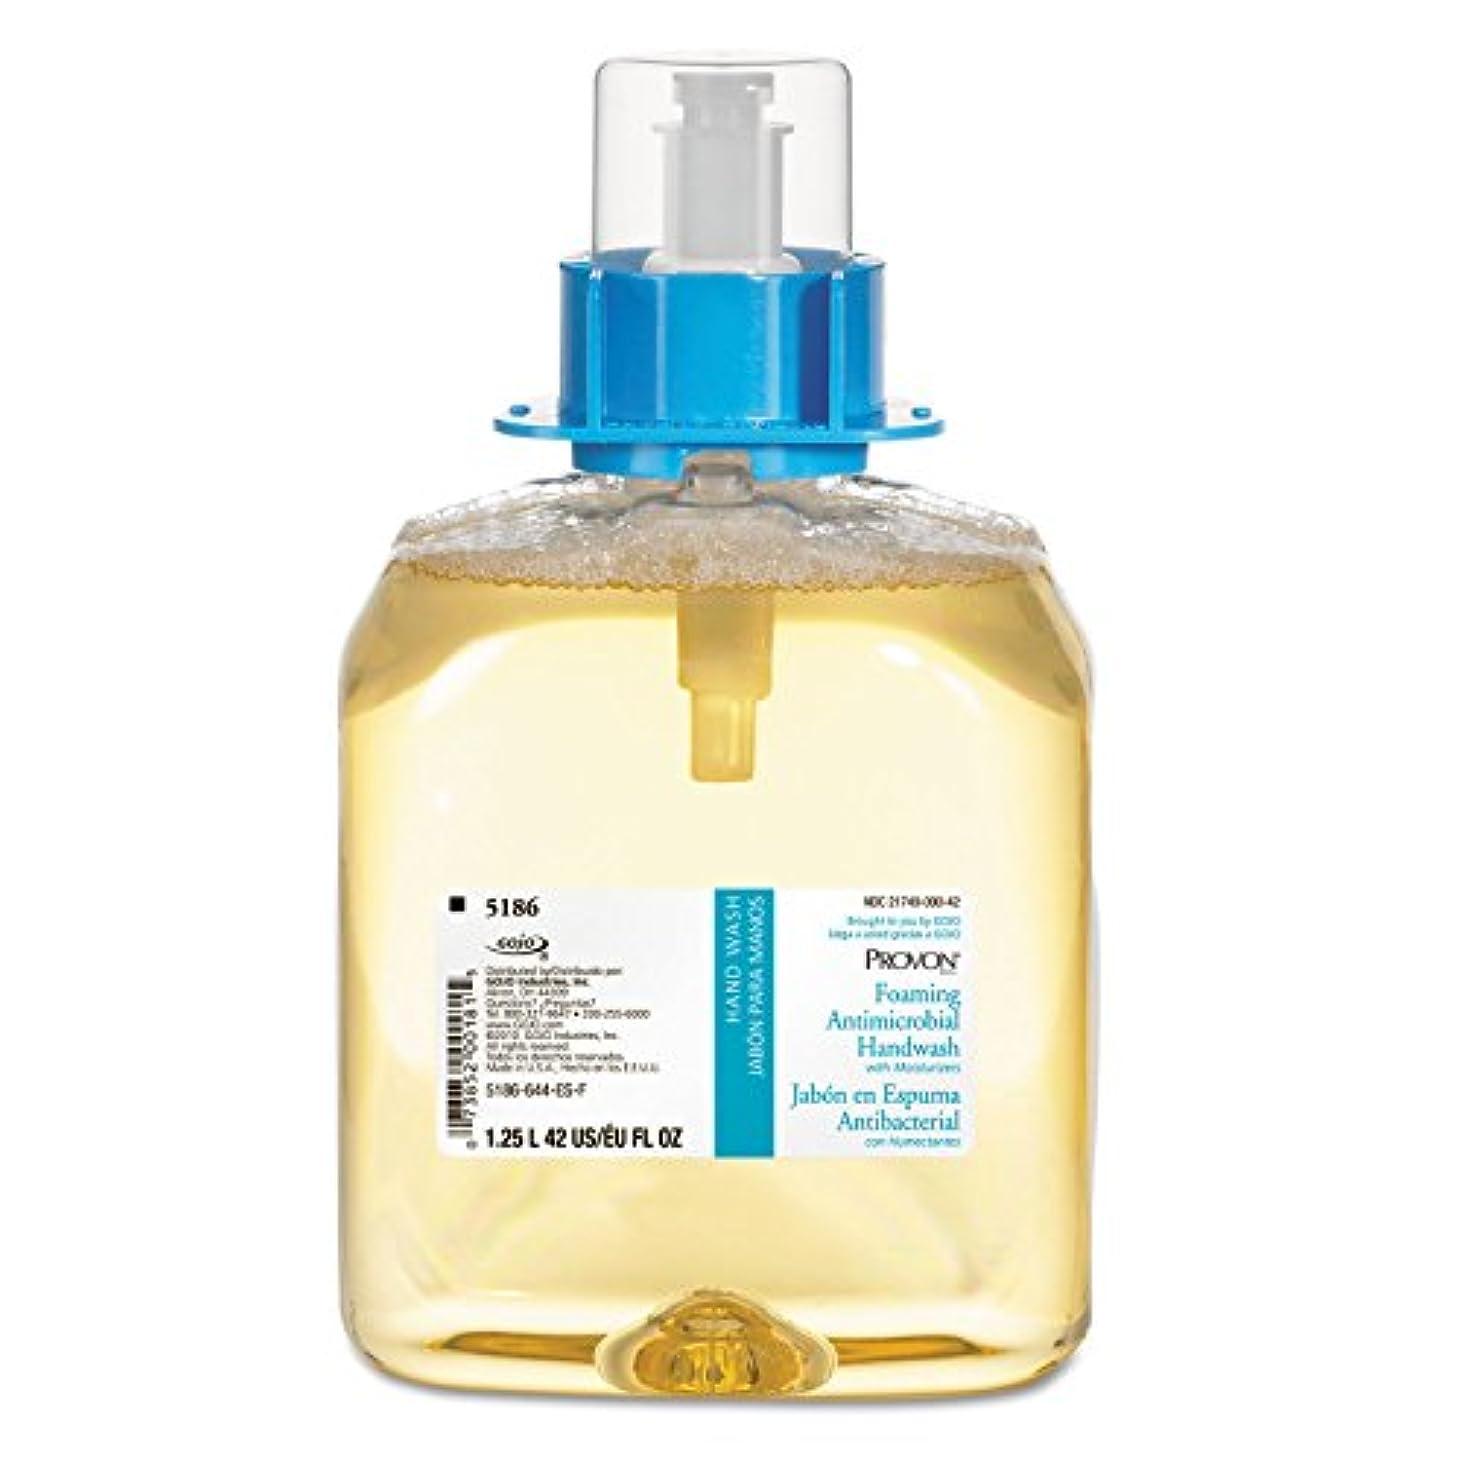 幹ポンプ汚物go-jo Industries 518603 CT FOAM Handwash、保湿、ライトフローラル、fmx-12ディスペンサー、1250 mlポンプ